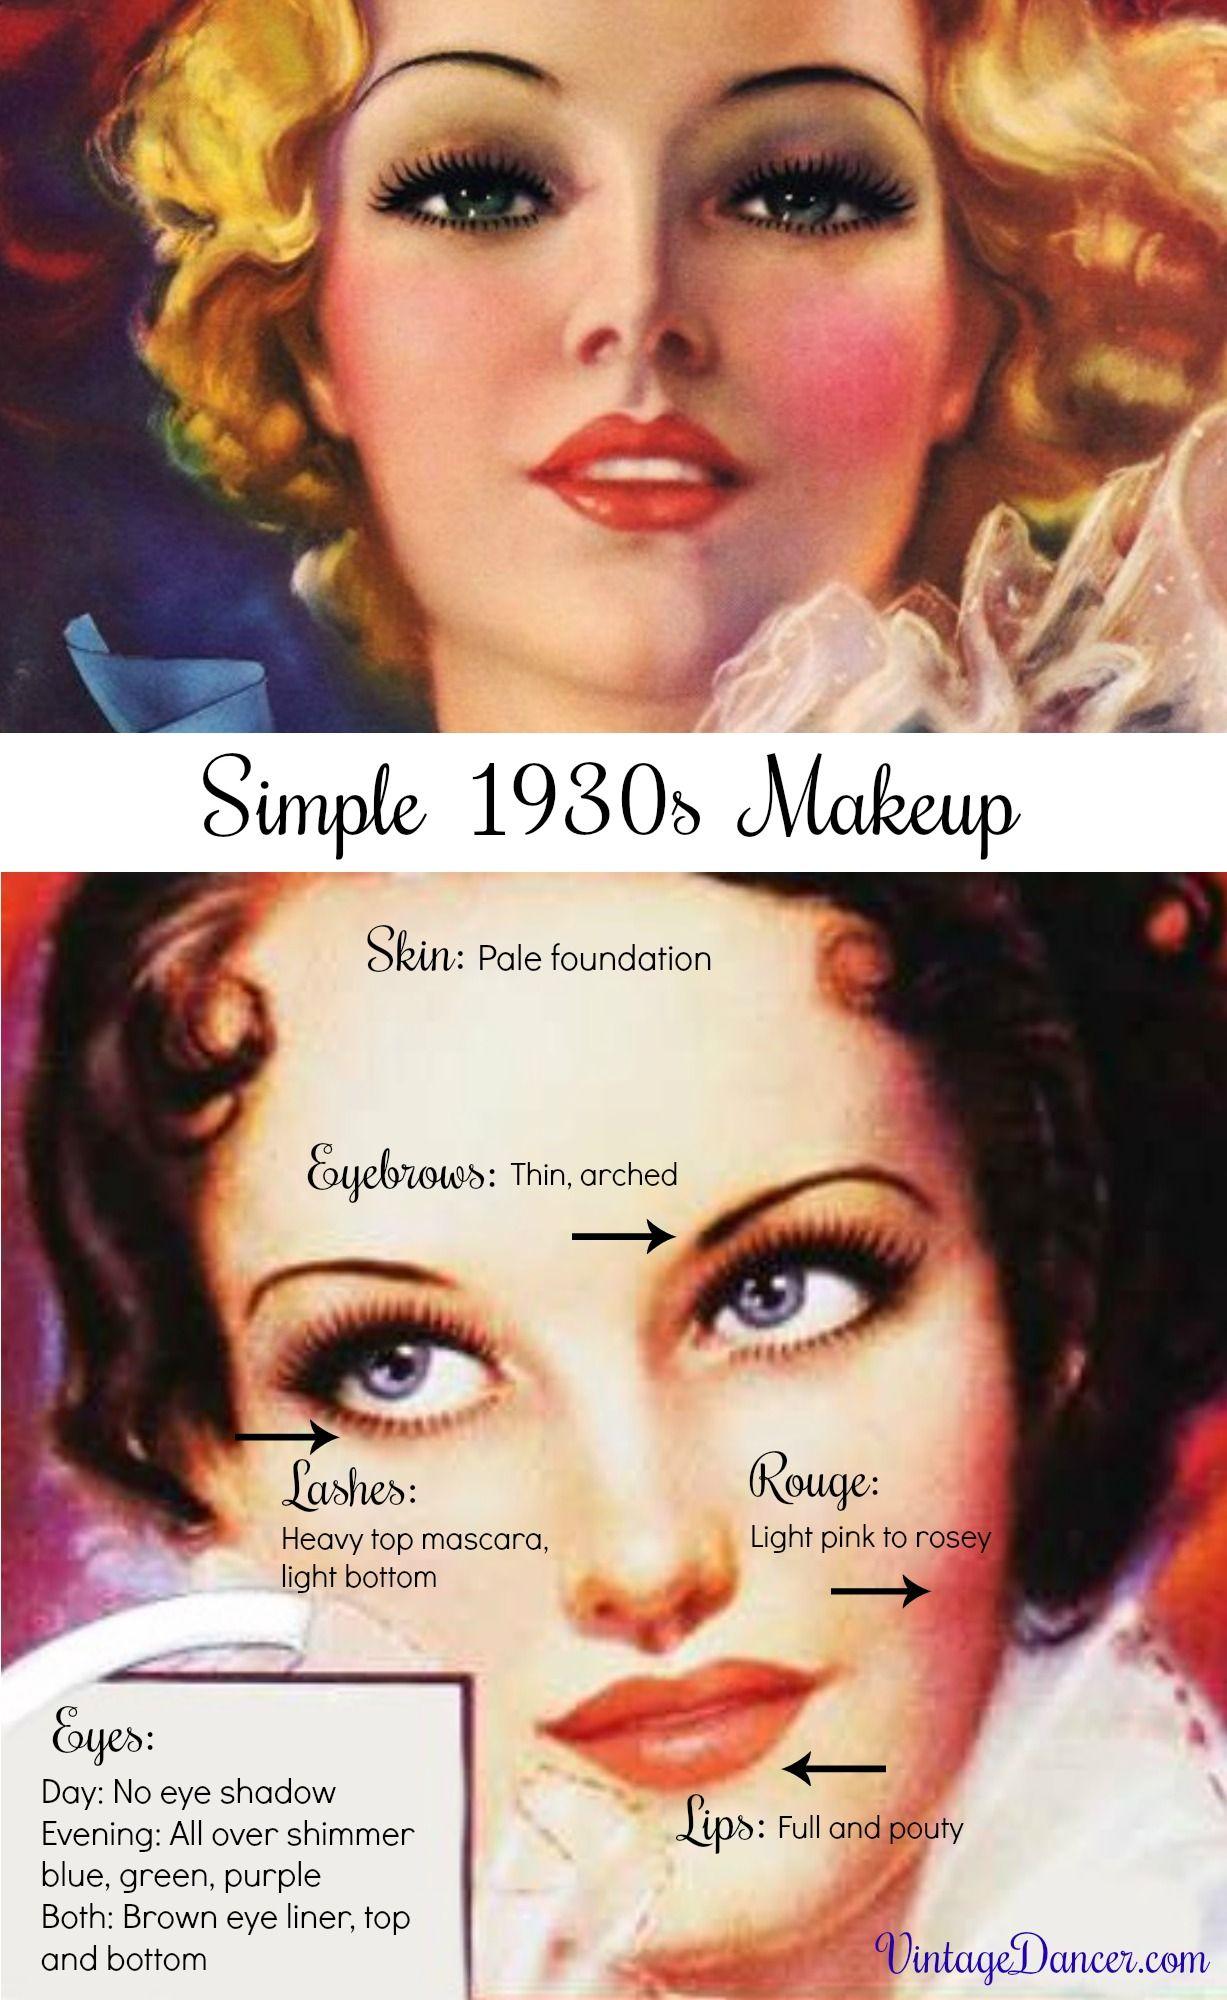 Simple, Natural 1930s Makeup Guide 1930s makeup, Makeup